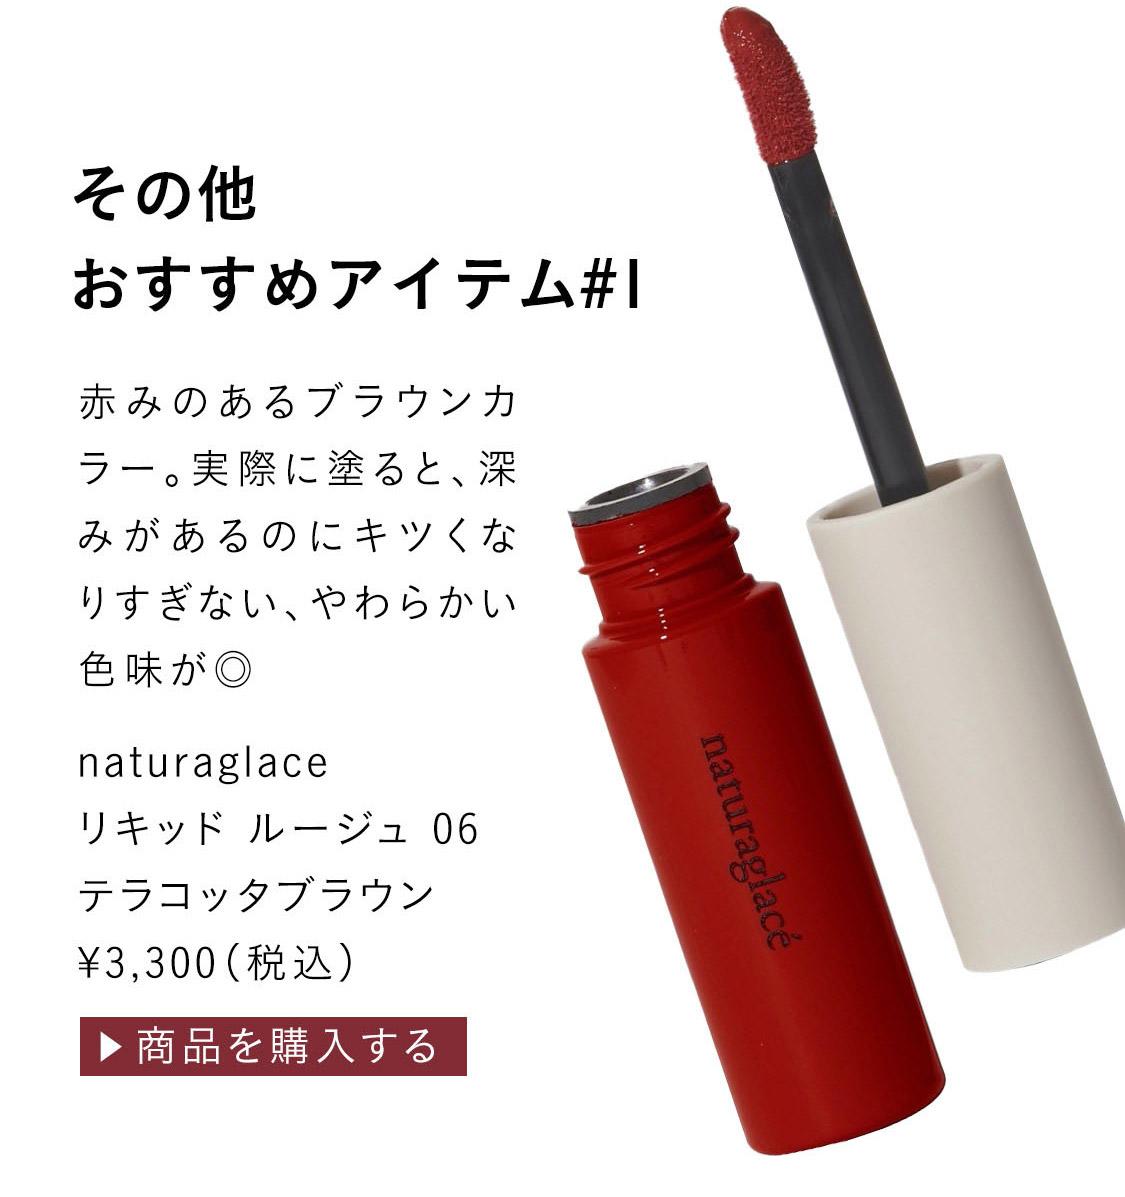 赤みのあるブラウンカラー。 実際に塗ると、深みがあるのにキツくなりすぎない、やわらかい色味が◎